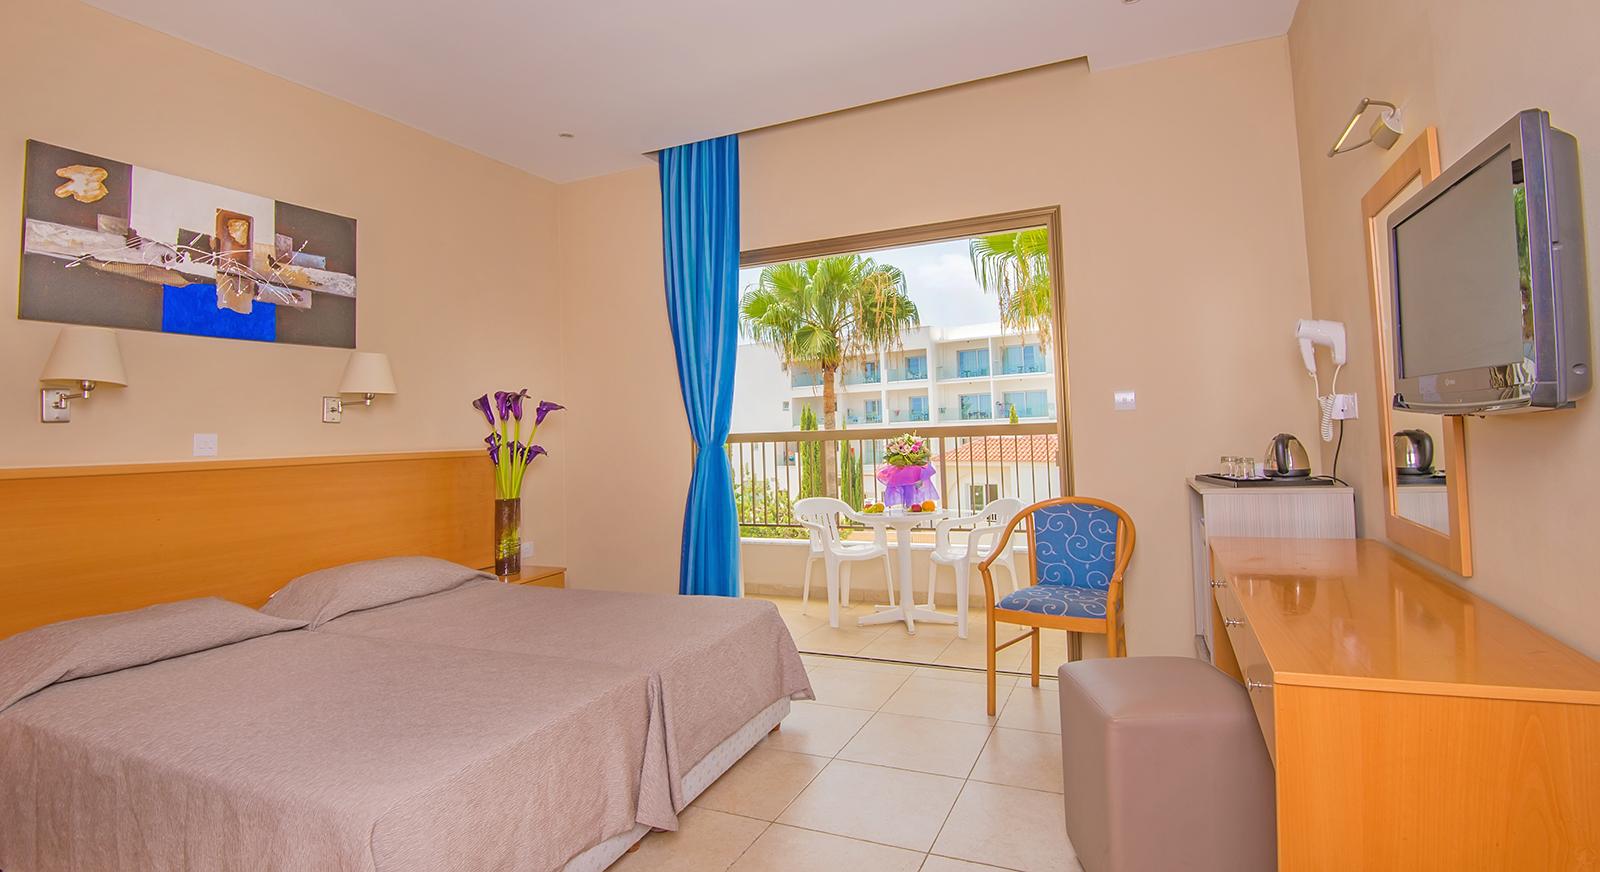 Hotel Accommodation In Ayia Napa